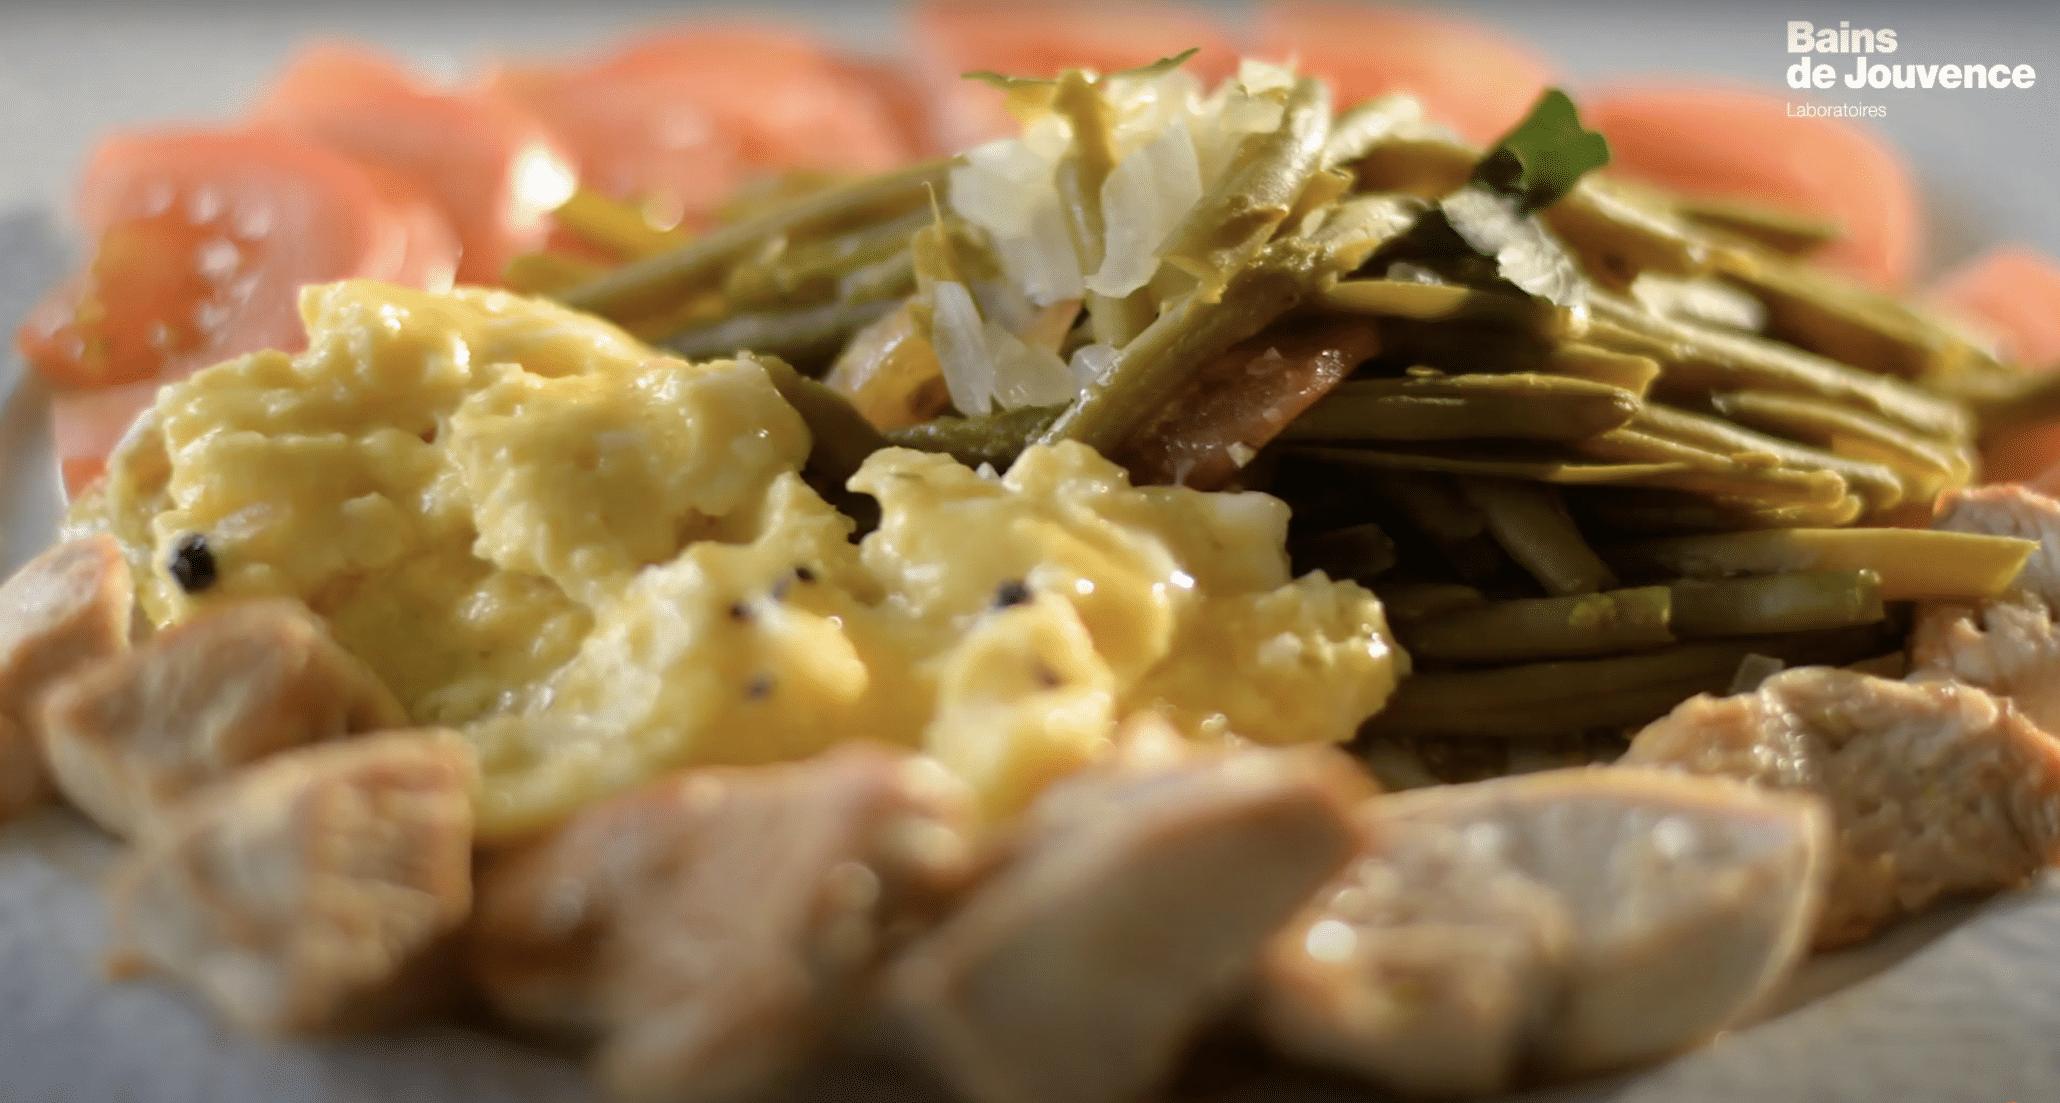 recette-poulet-au-lait-bains-de-jouvence